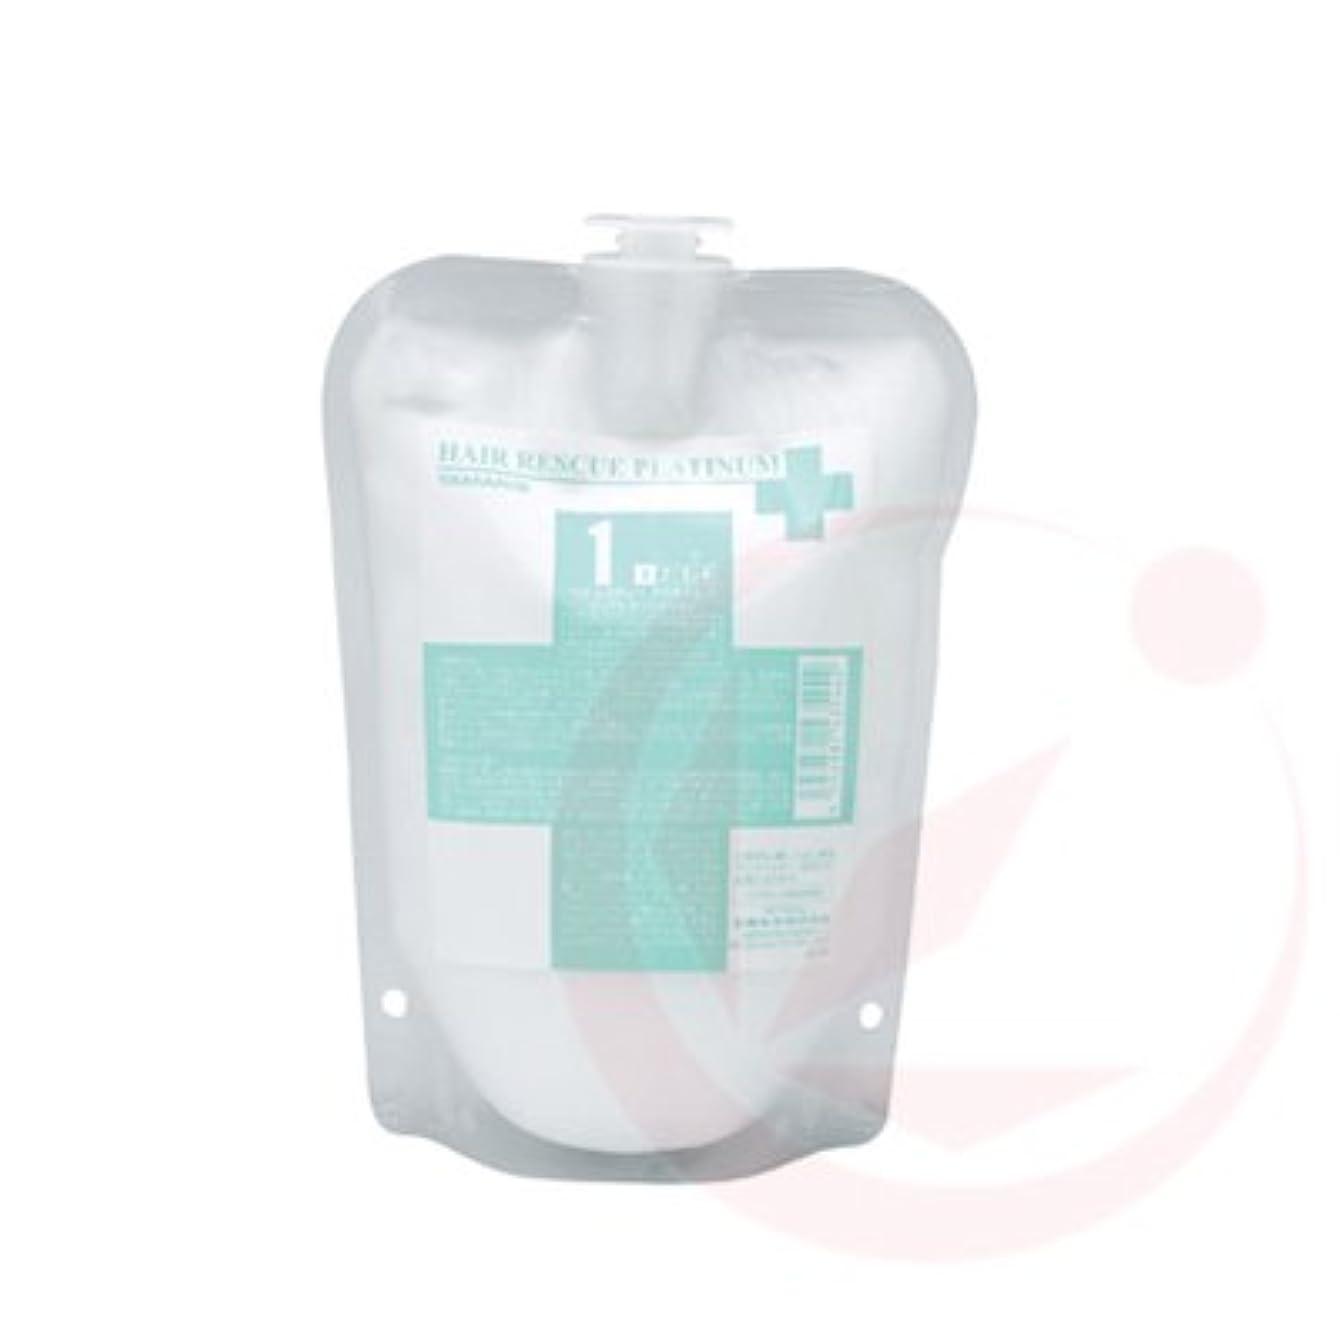 ファセット宣言血タマリス ヘアレスキュープラチナム 1 500g(業務?詰替用)